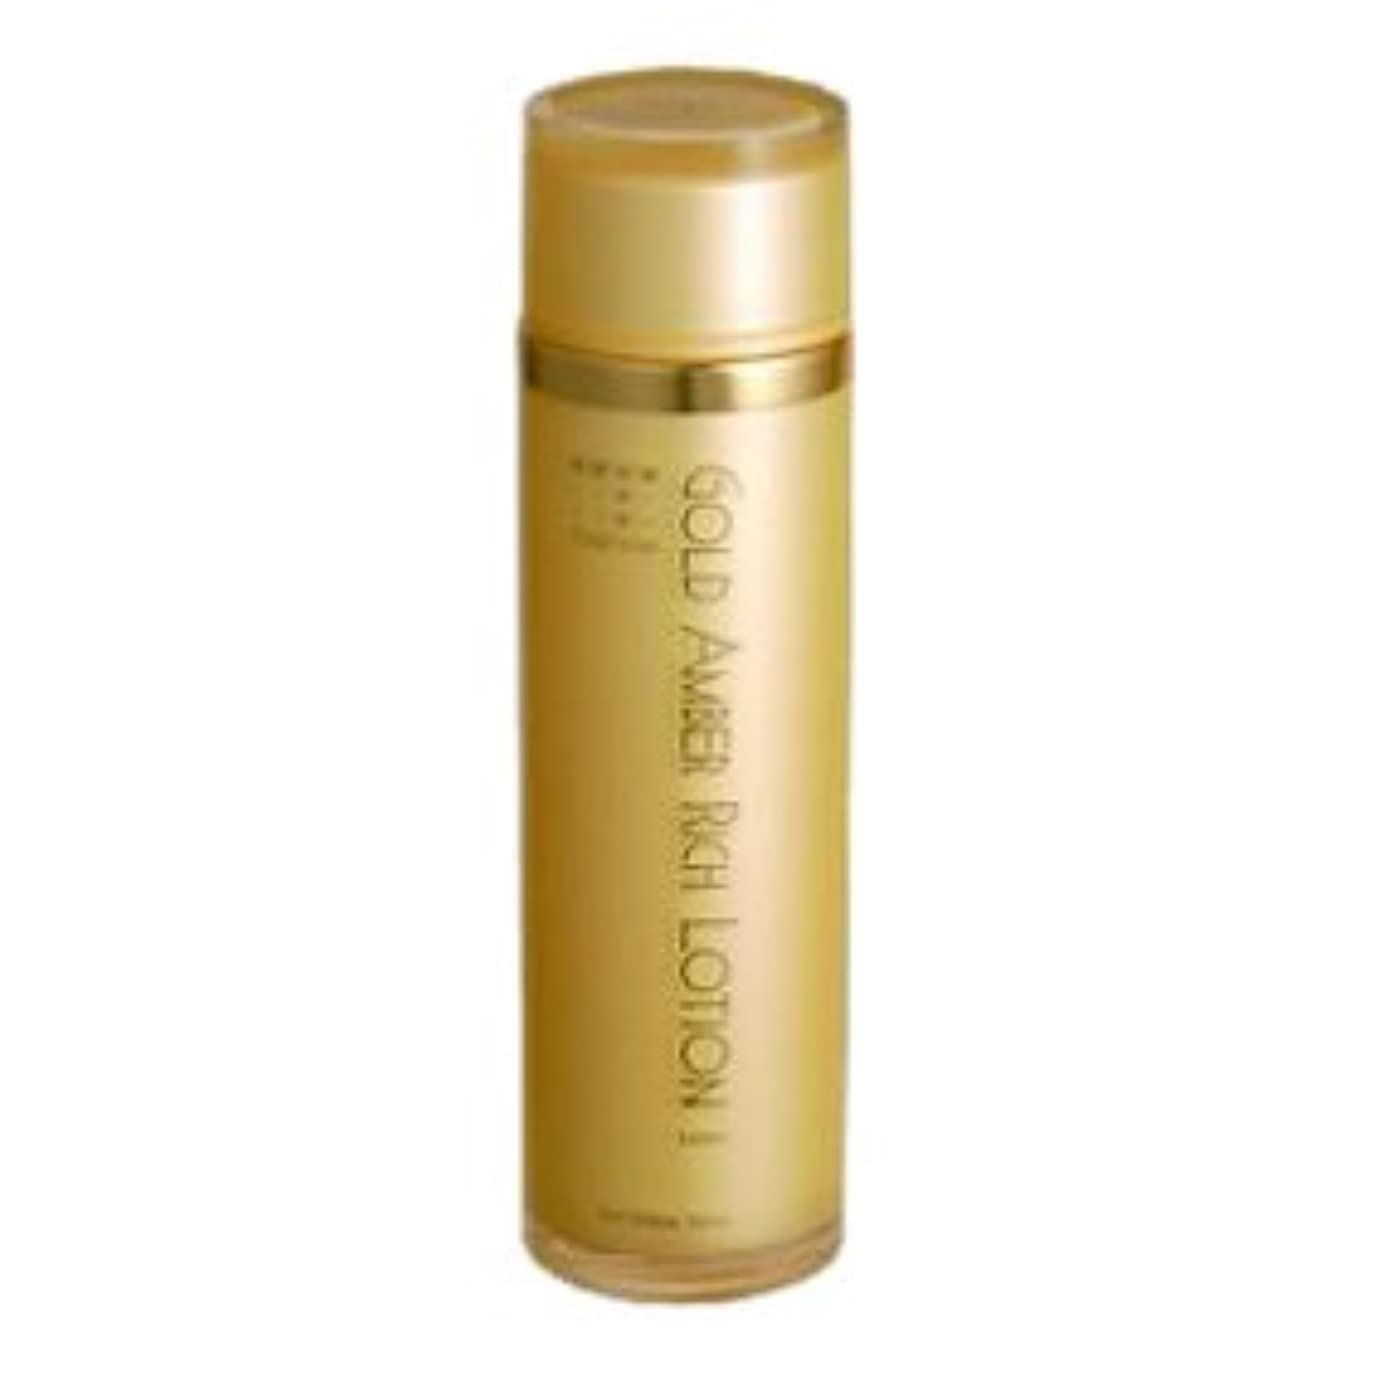 中止しますビジネス南アメリカコスメプラウド ゴールドアンバーリッチローション120ml(化粧水)